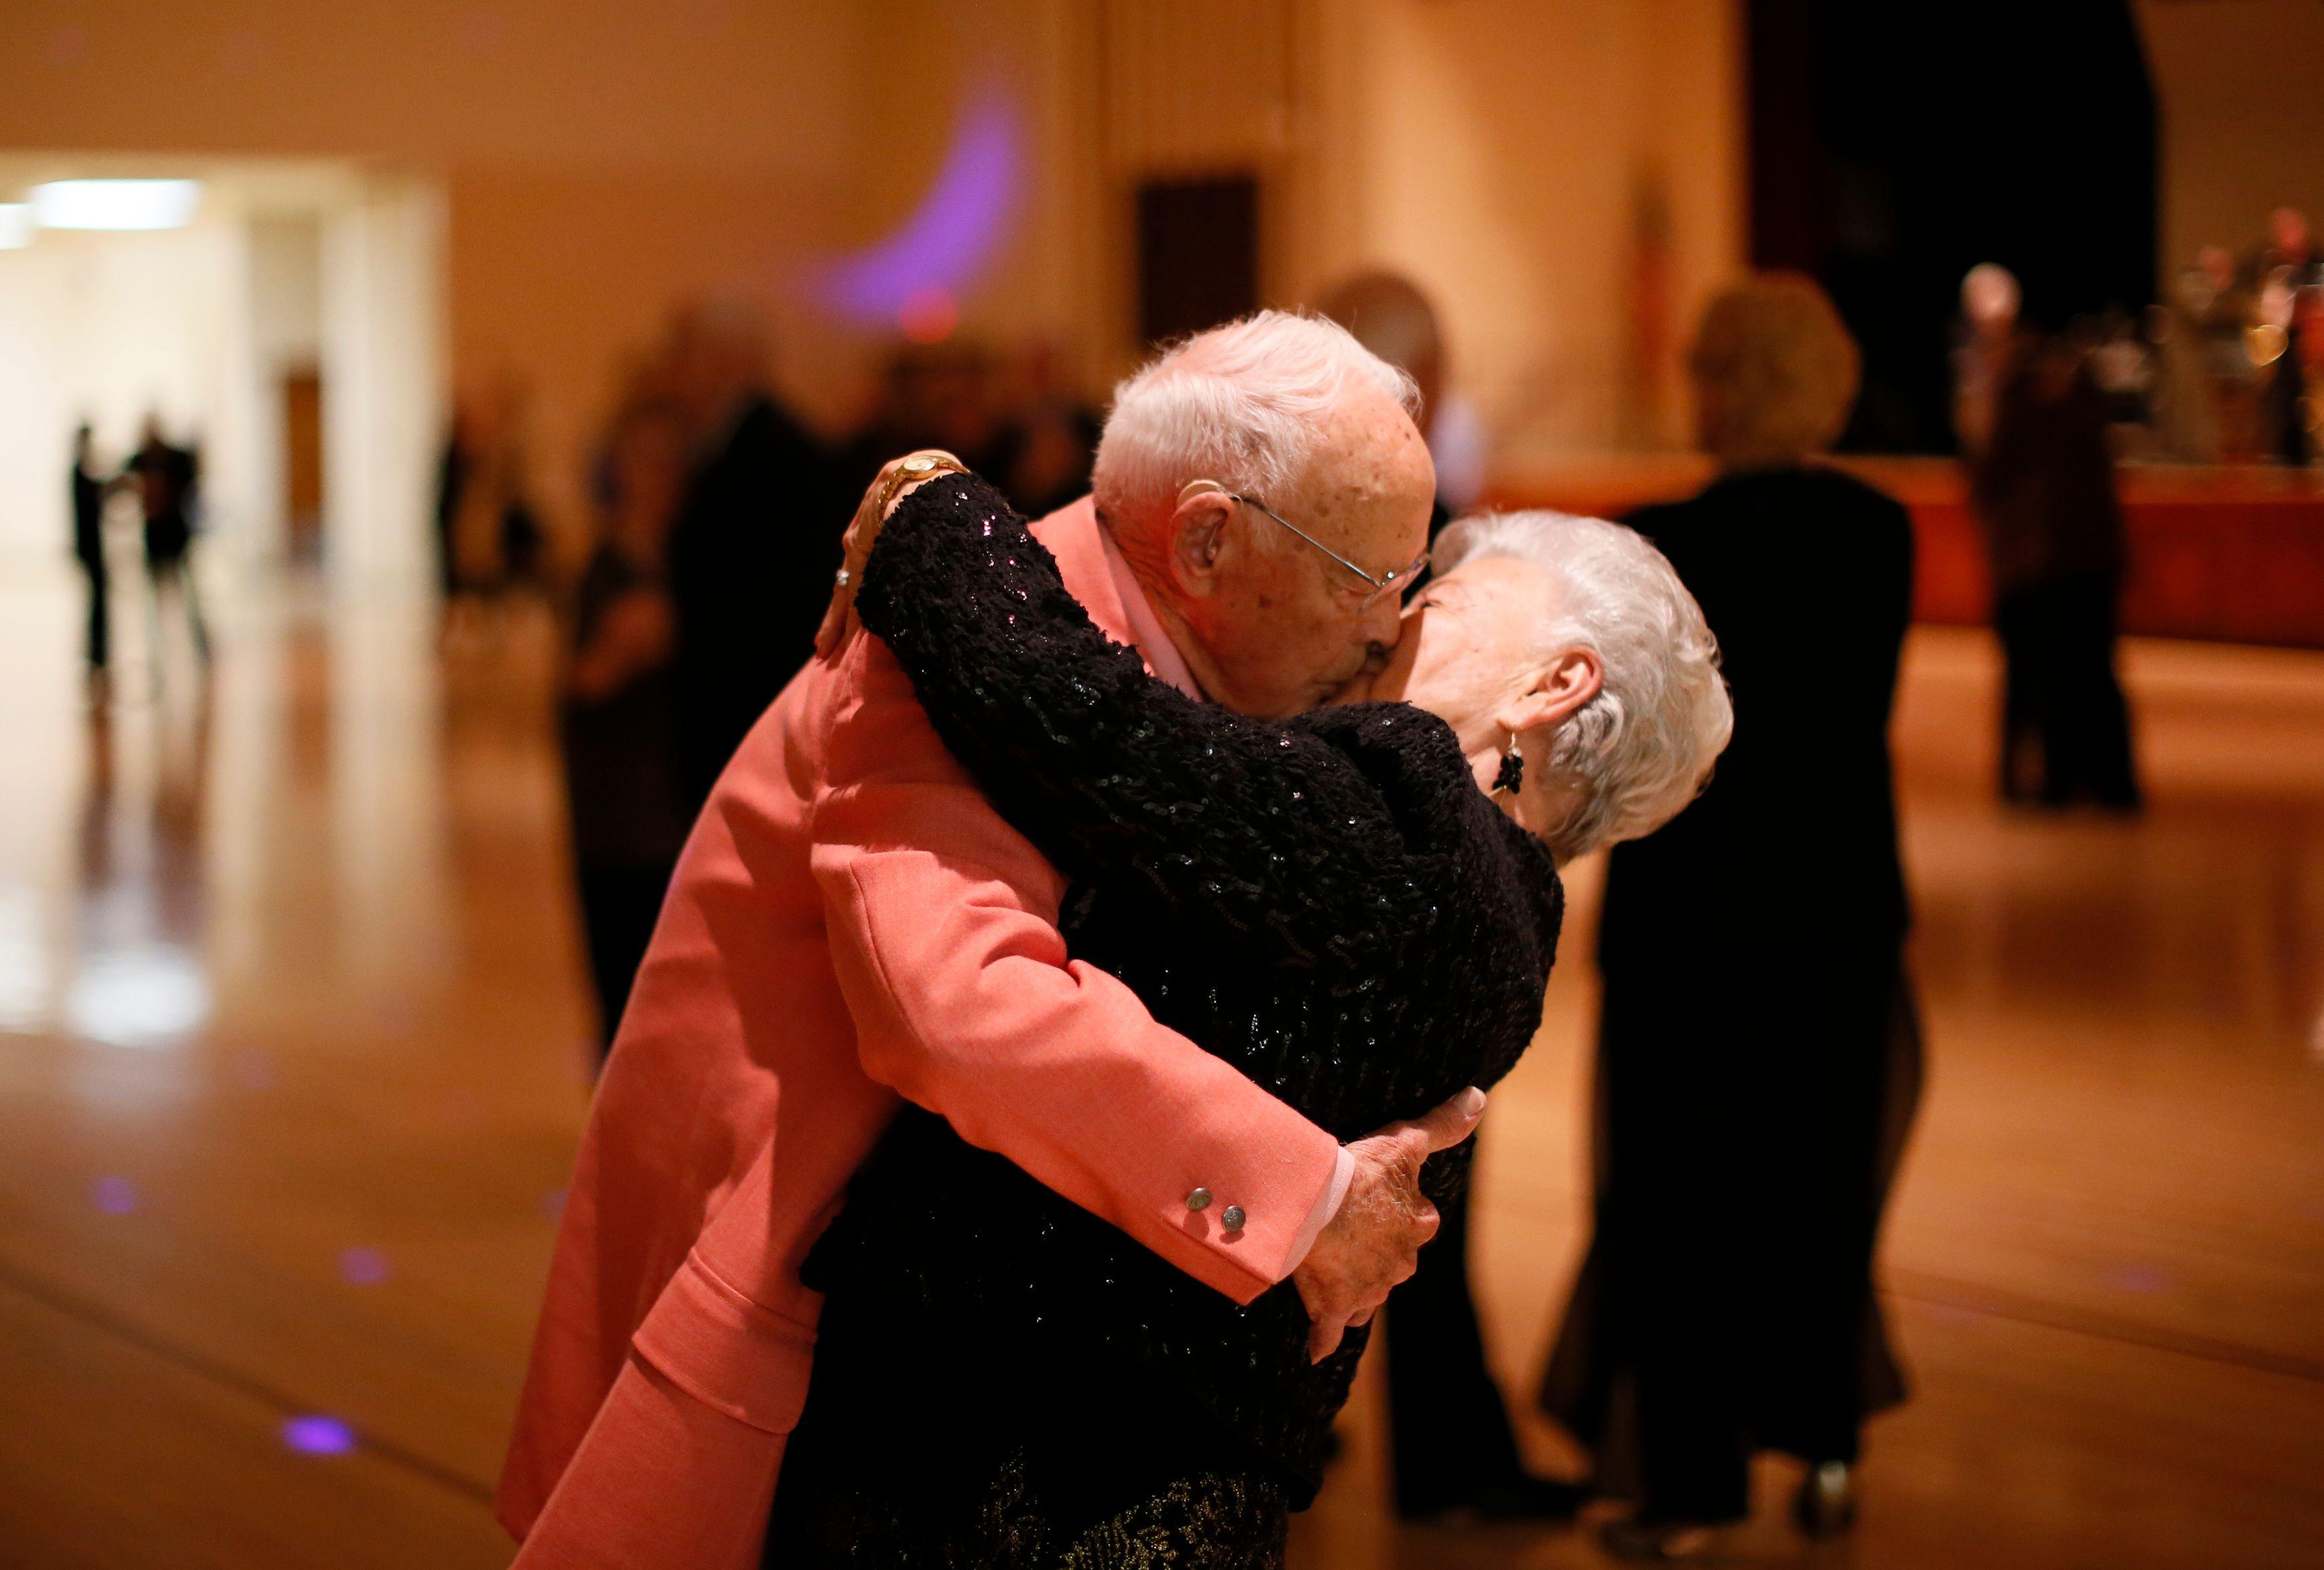 Et la catégorie d'âge où l'infidélité conjugale augmente le plus est celle des... plus de 55 ans